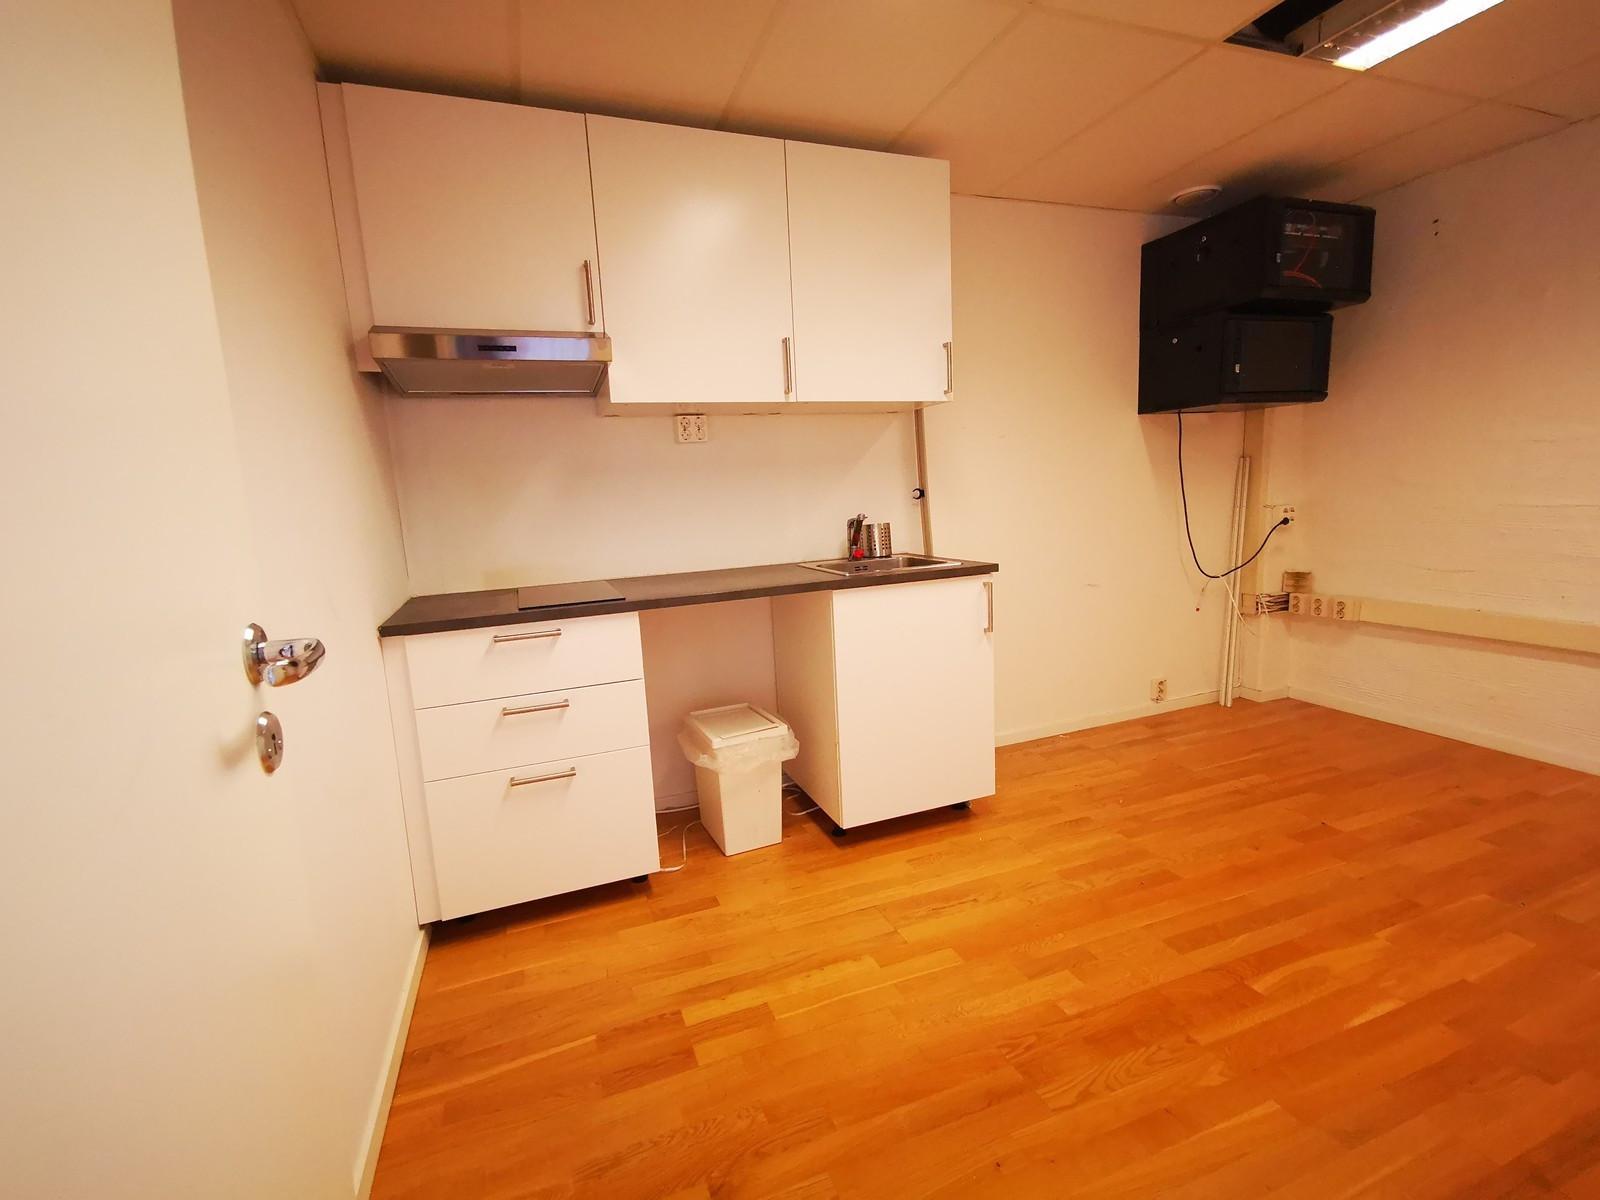 Kjøkken med plass til spiseplass